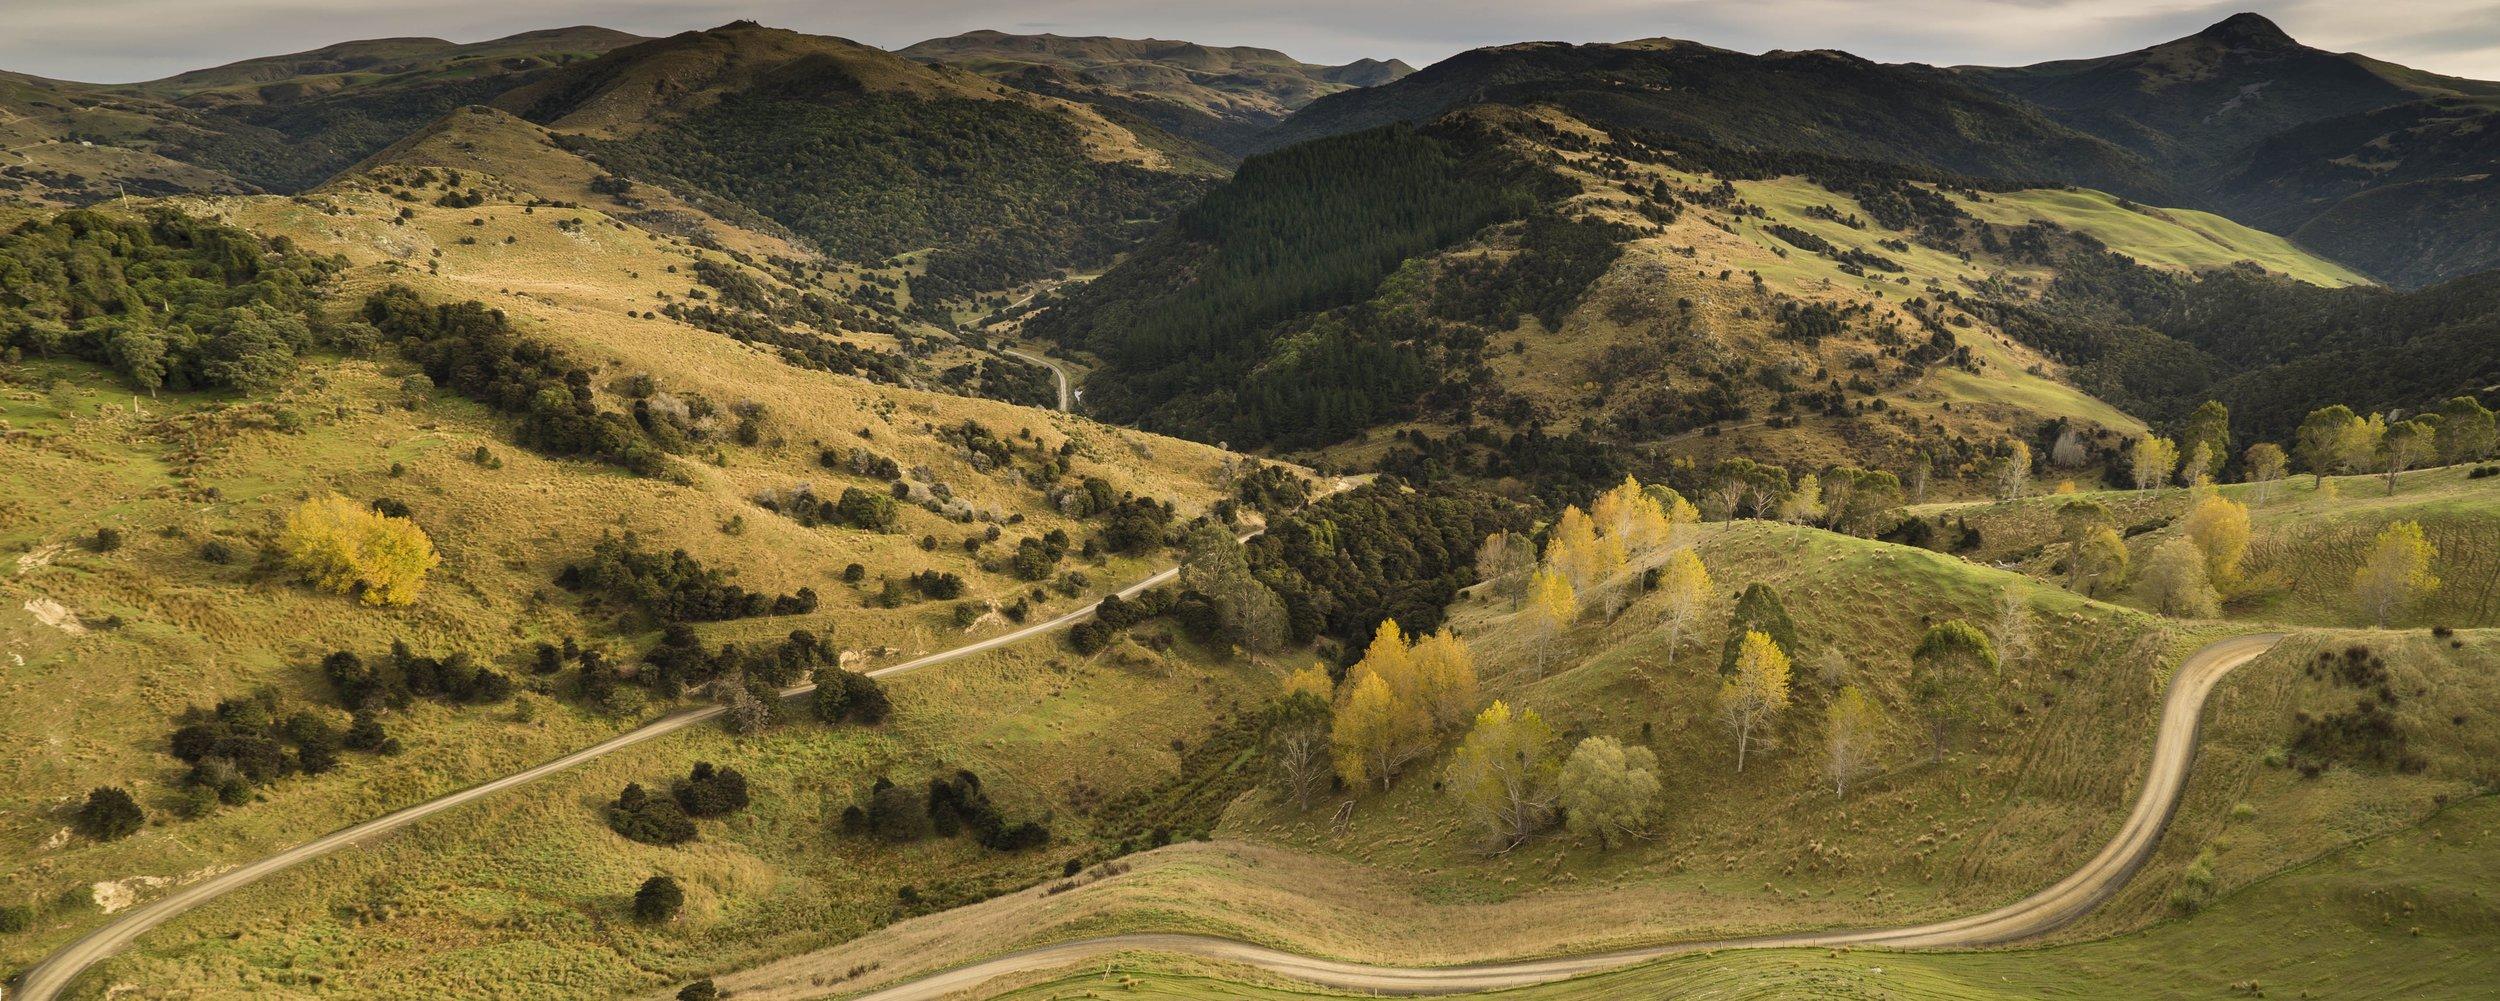 Mount Watkins by Scott Mouat